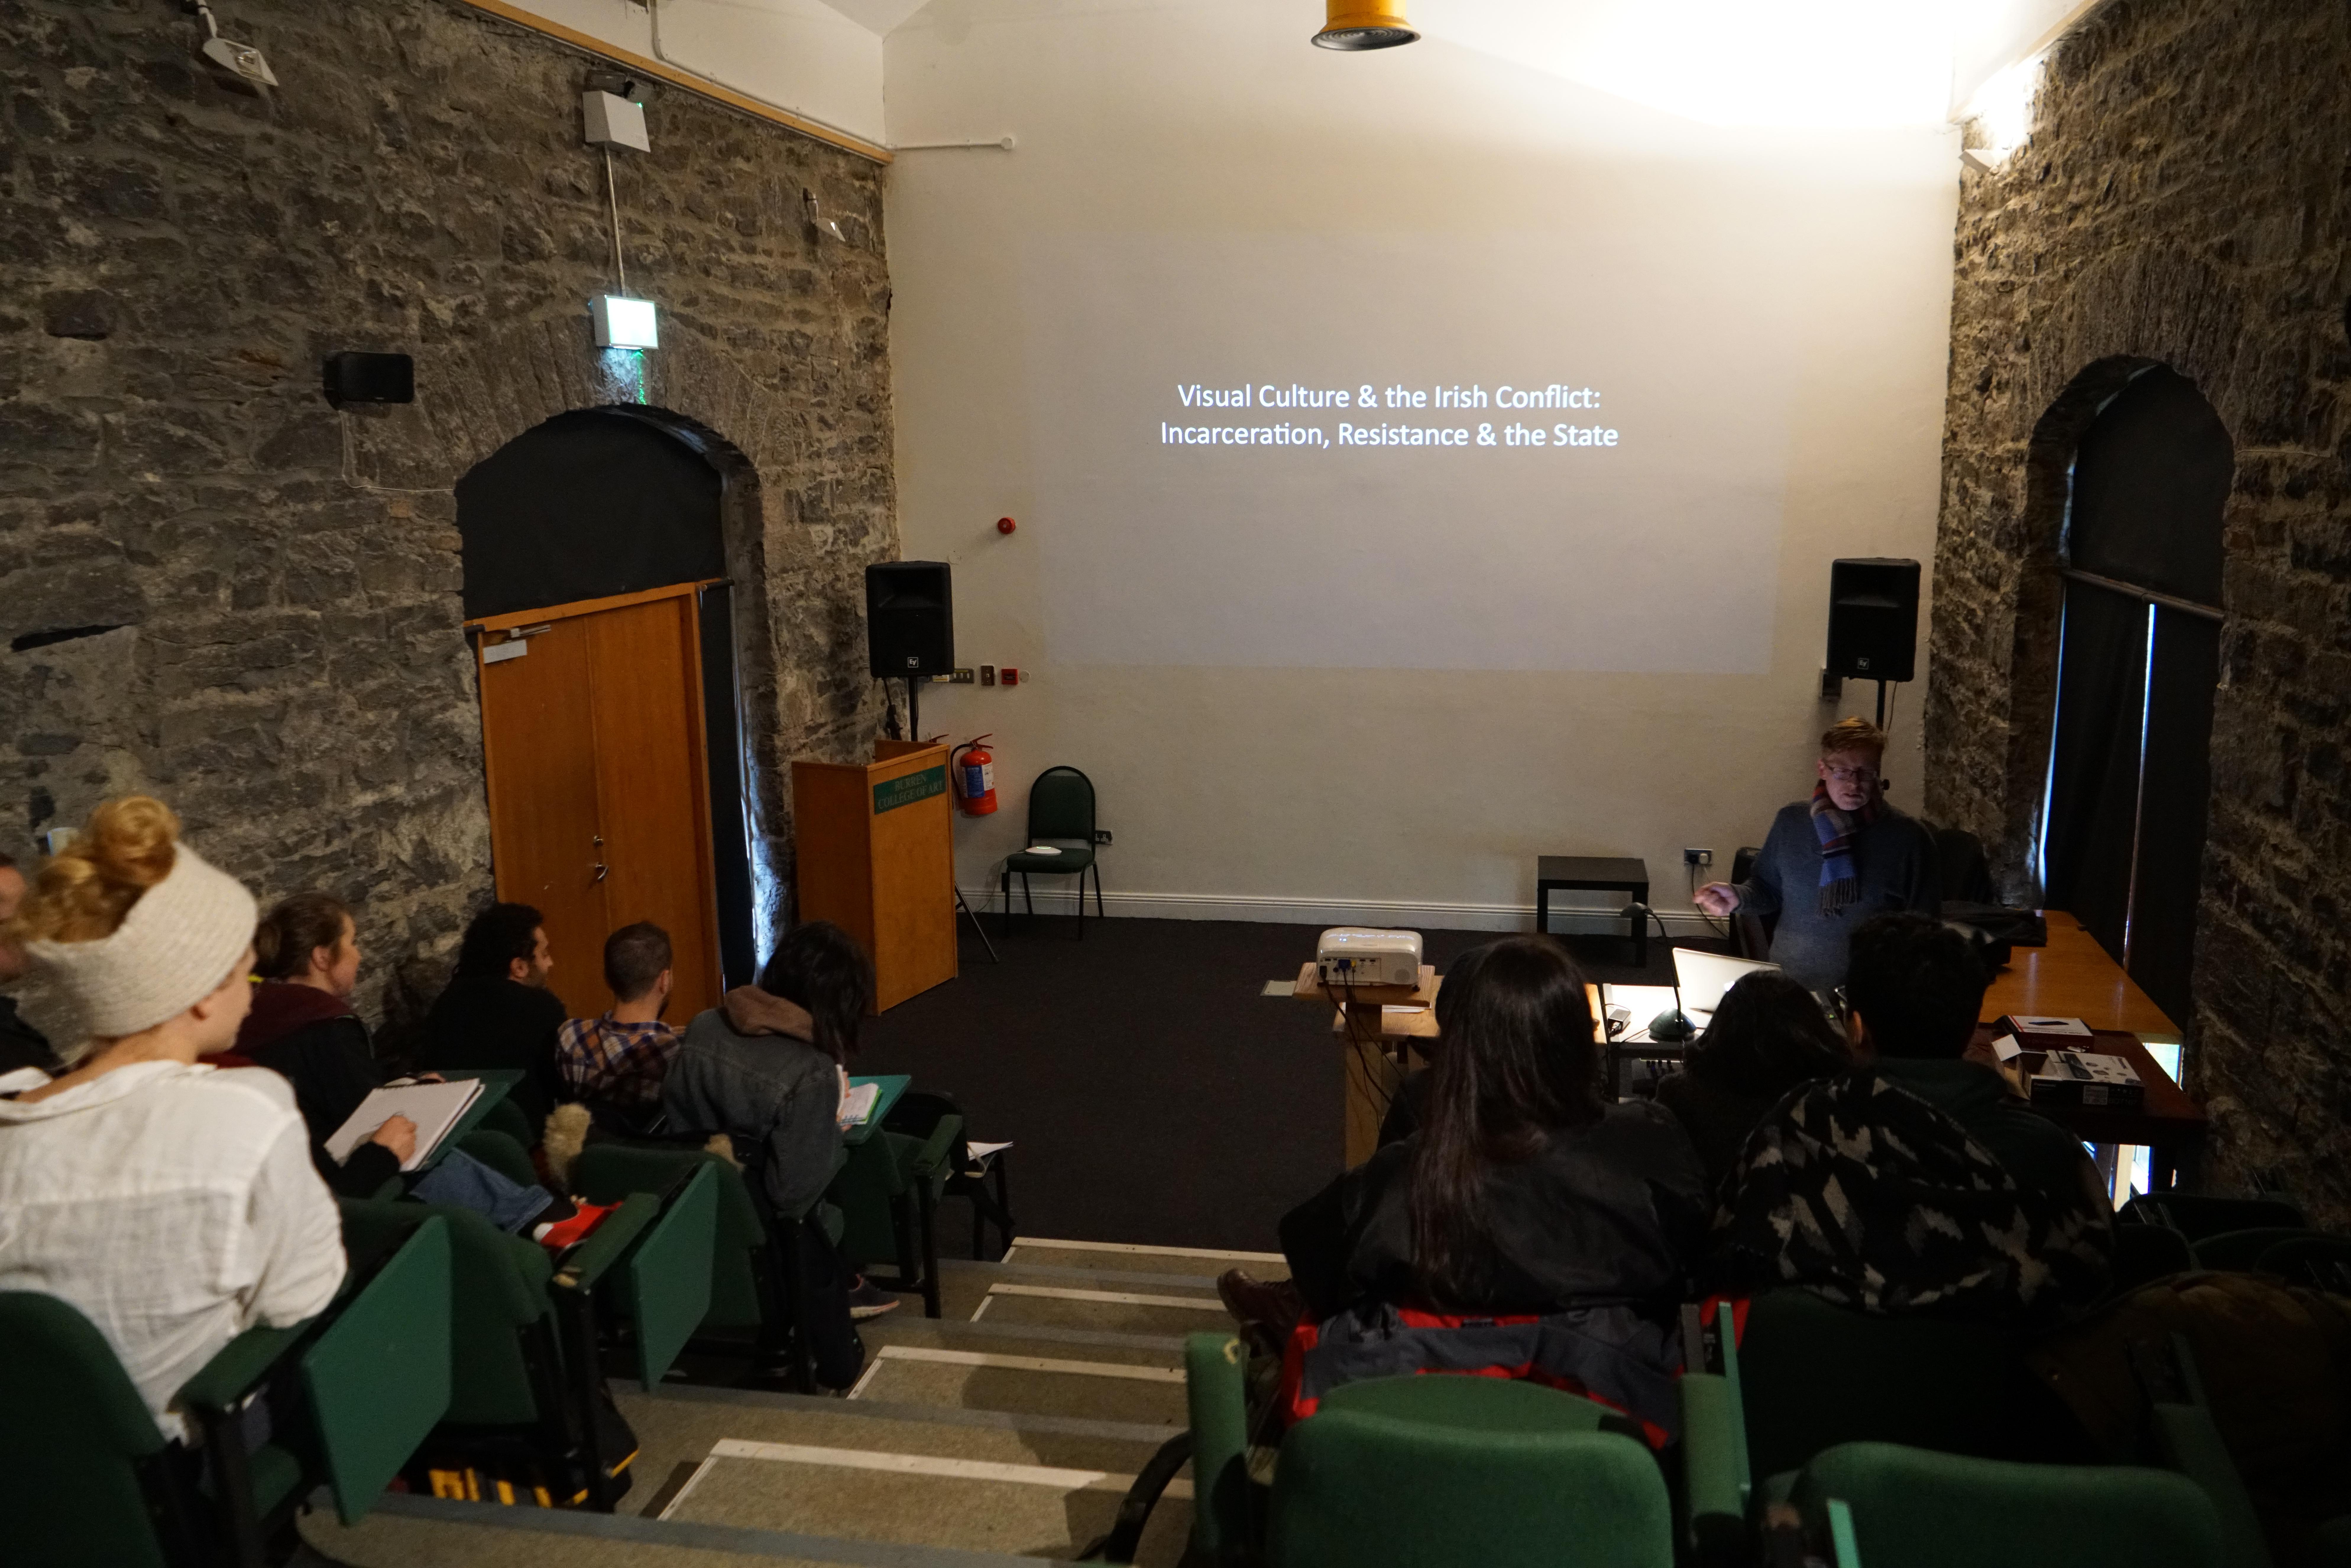 Conor McGrady Seminar at the Burren College of Art